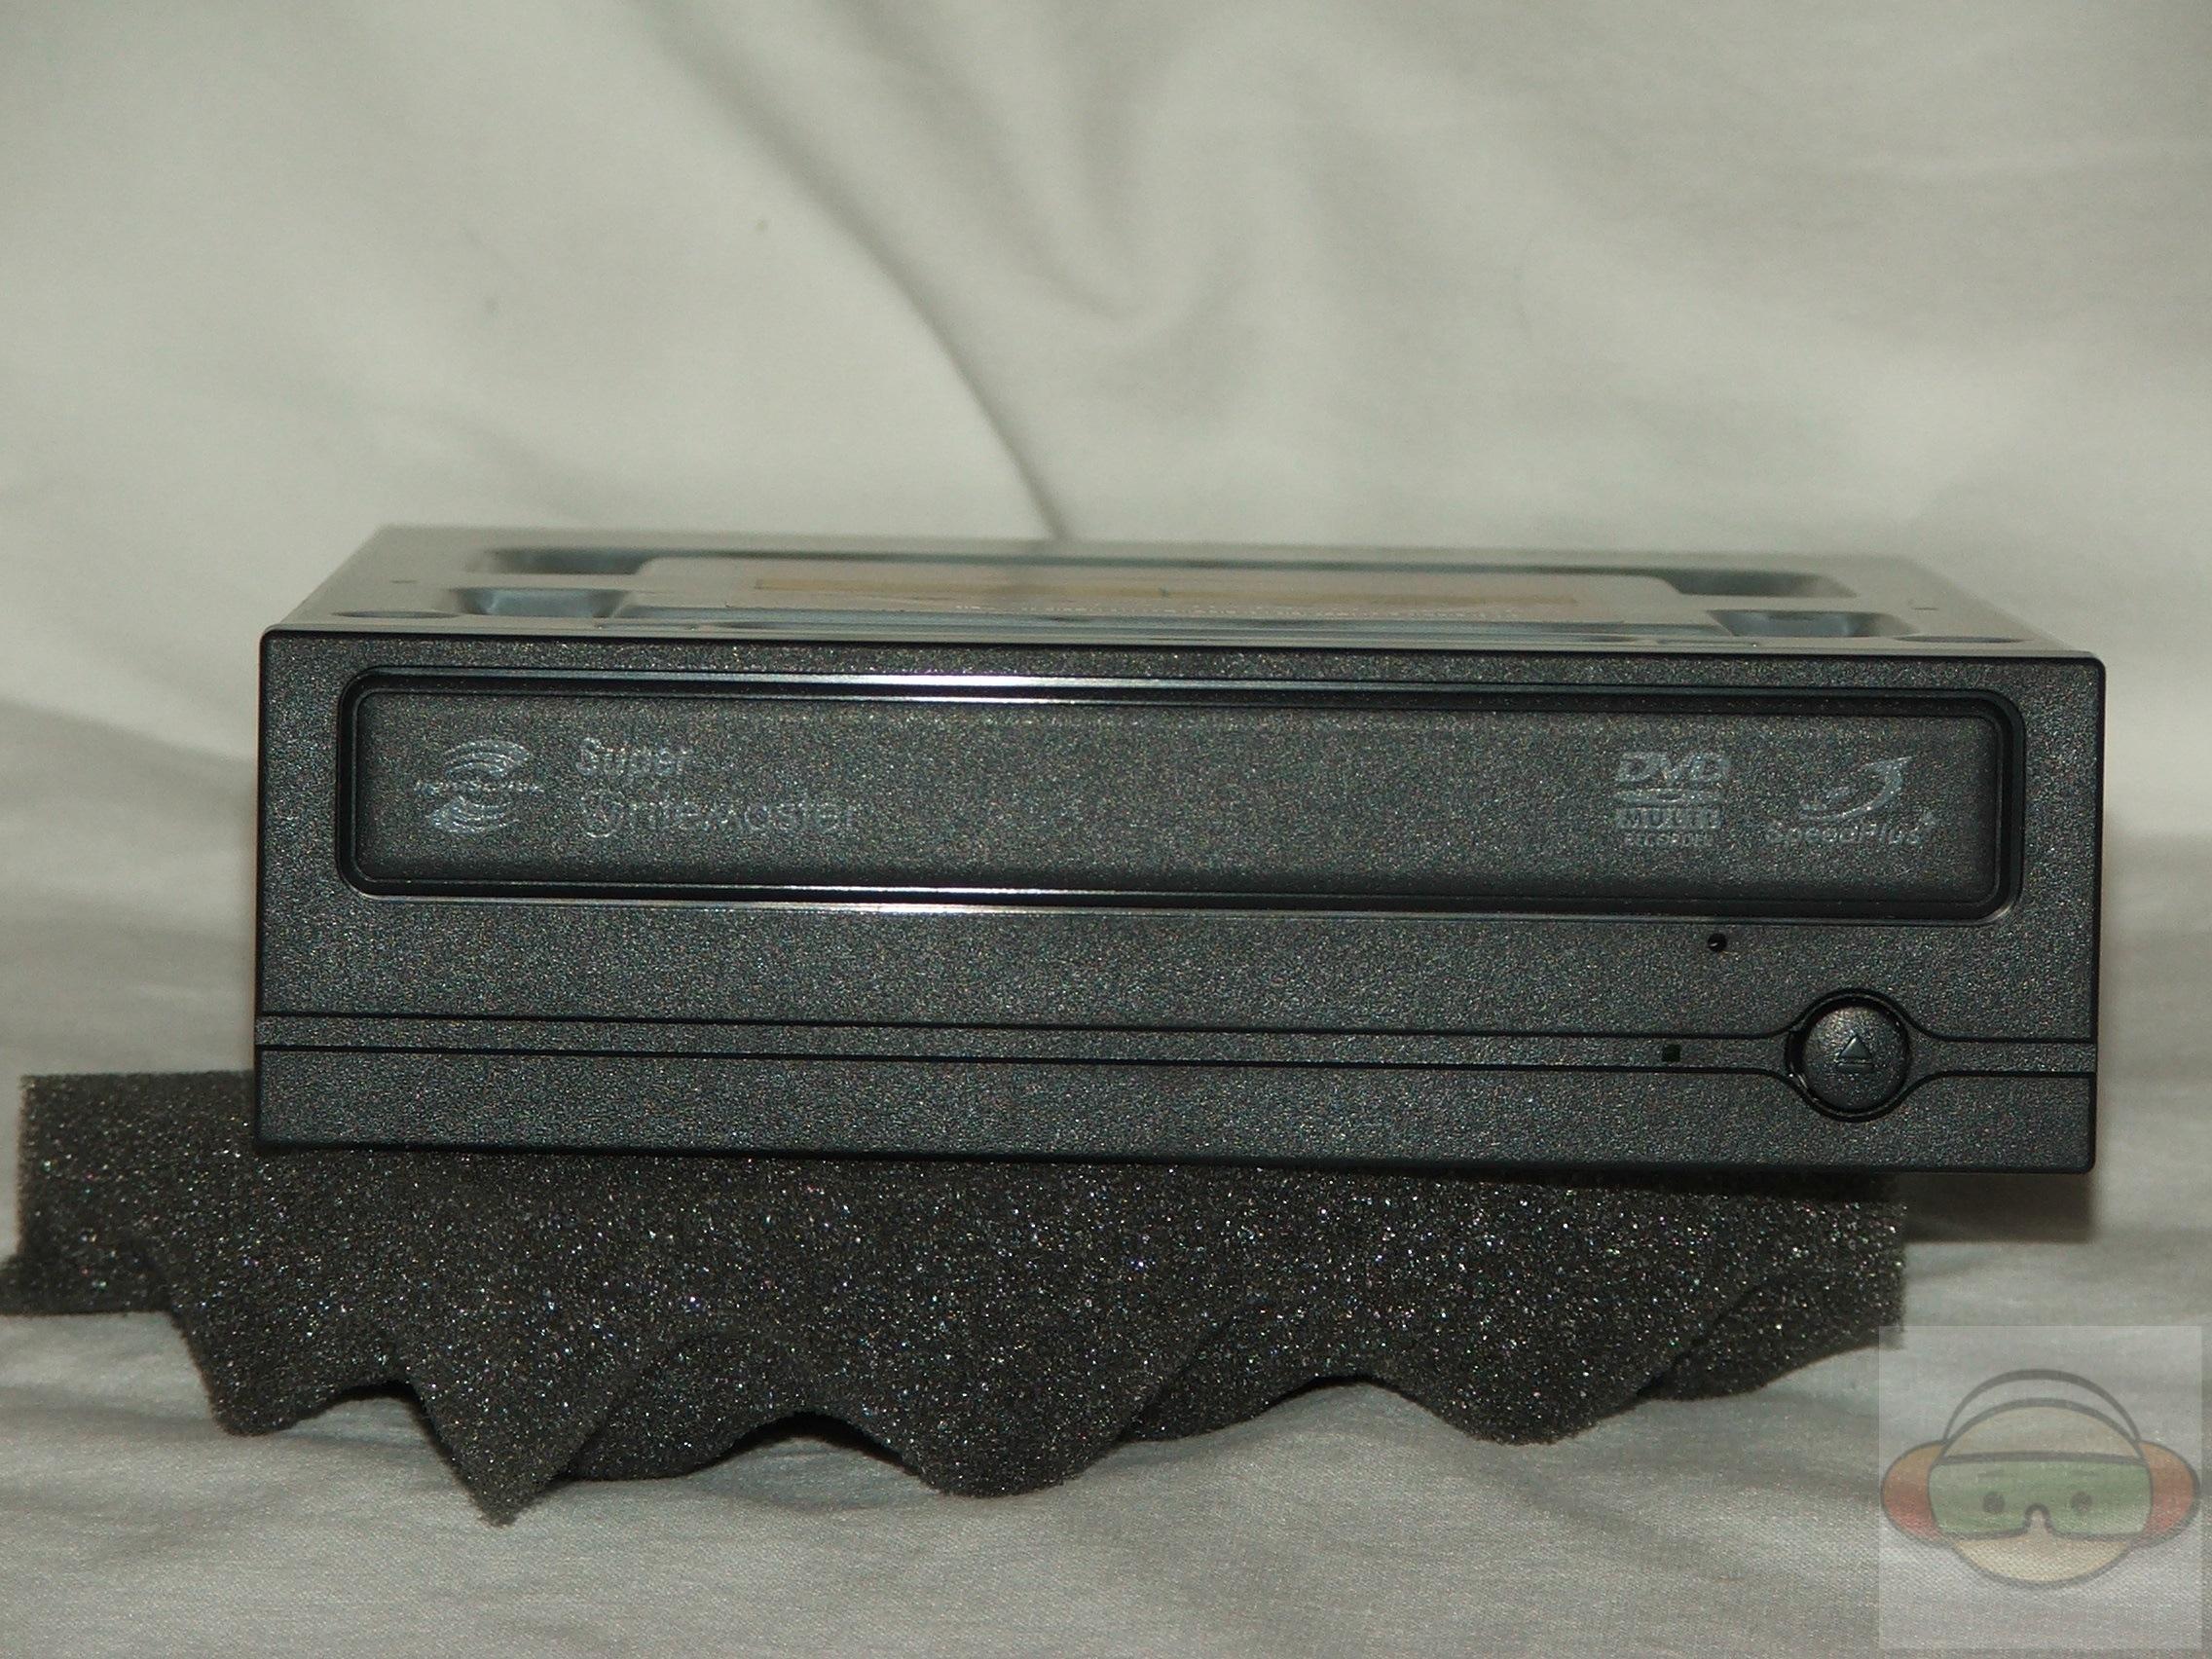 Samsung super writemaster dvd recorder speedplus driver